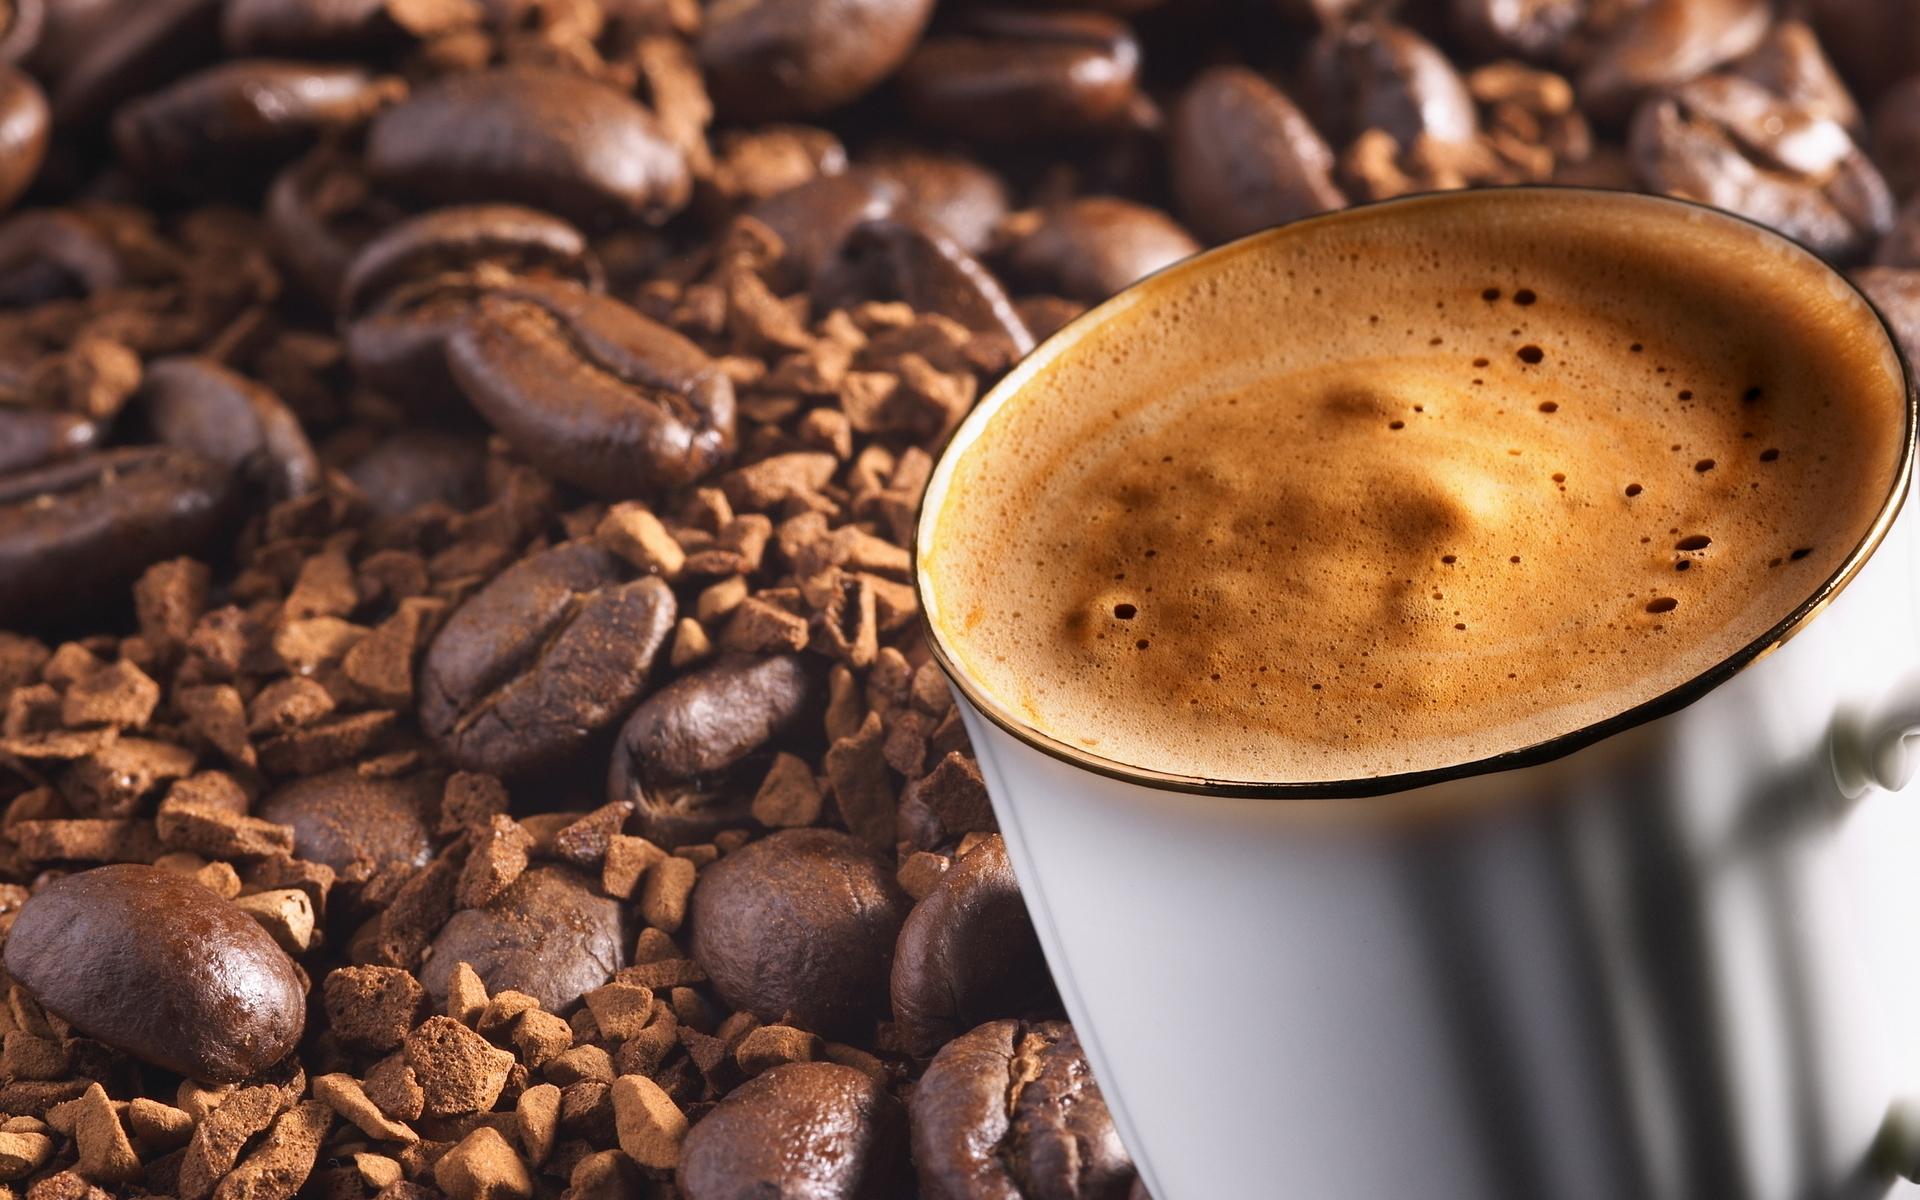 картинки больших размеров кофе